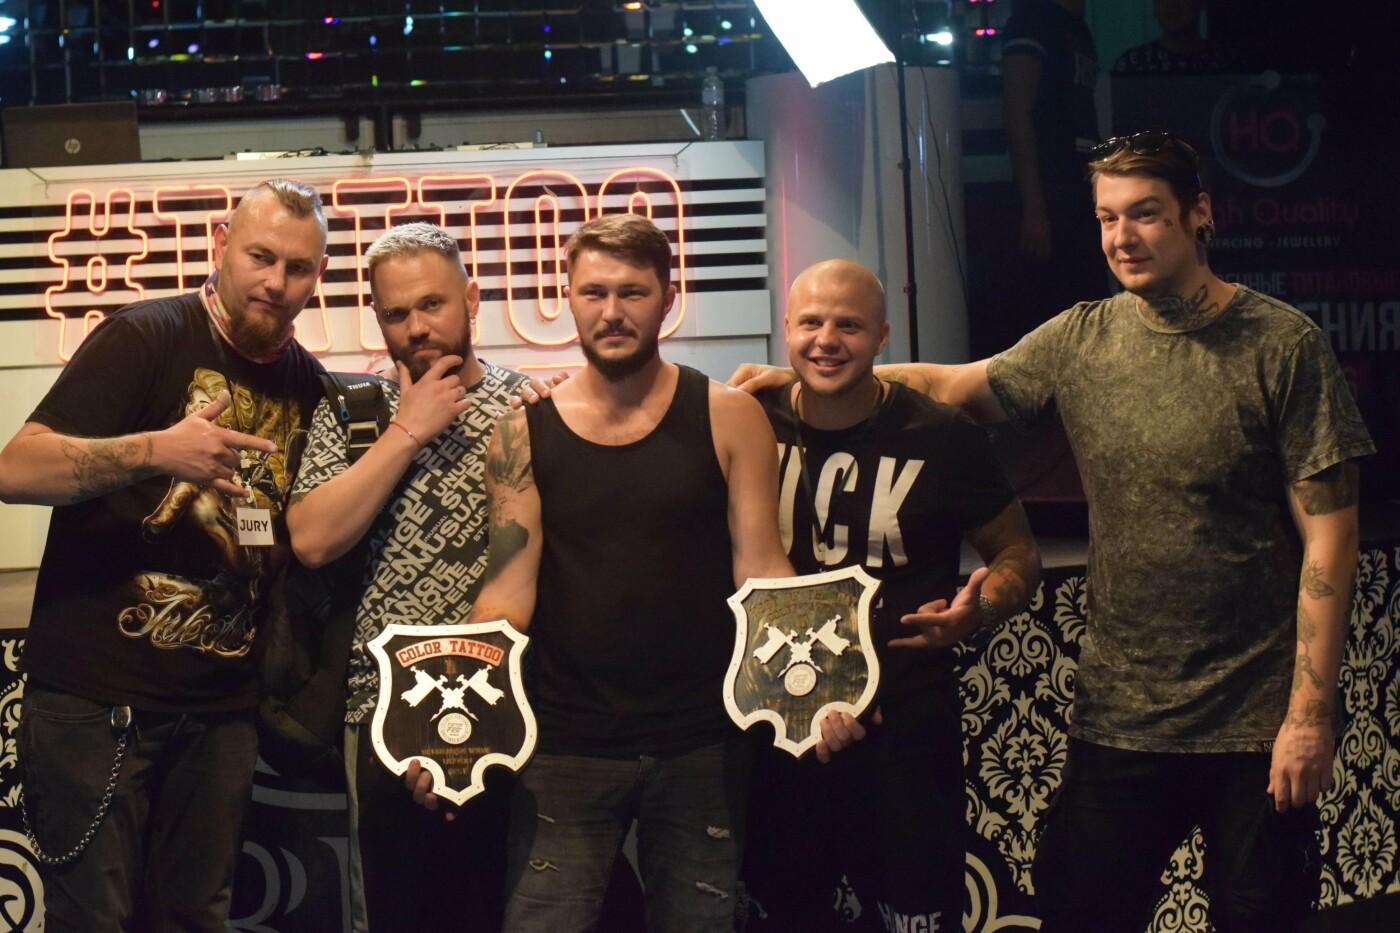 Масштабный тату-фест с топовыми мастерами со всей Украины, фото-8